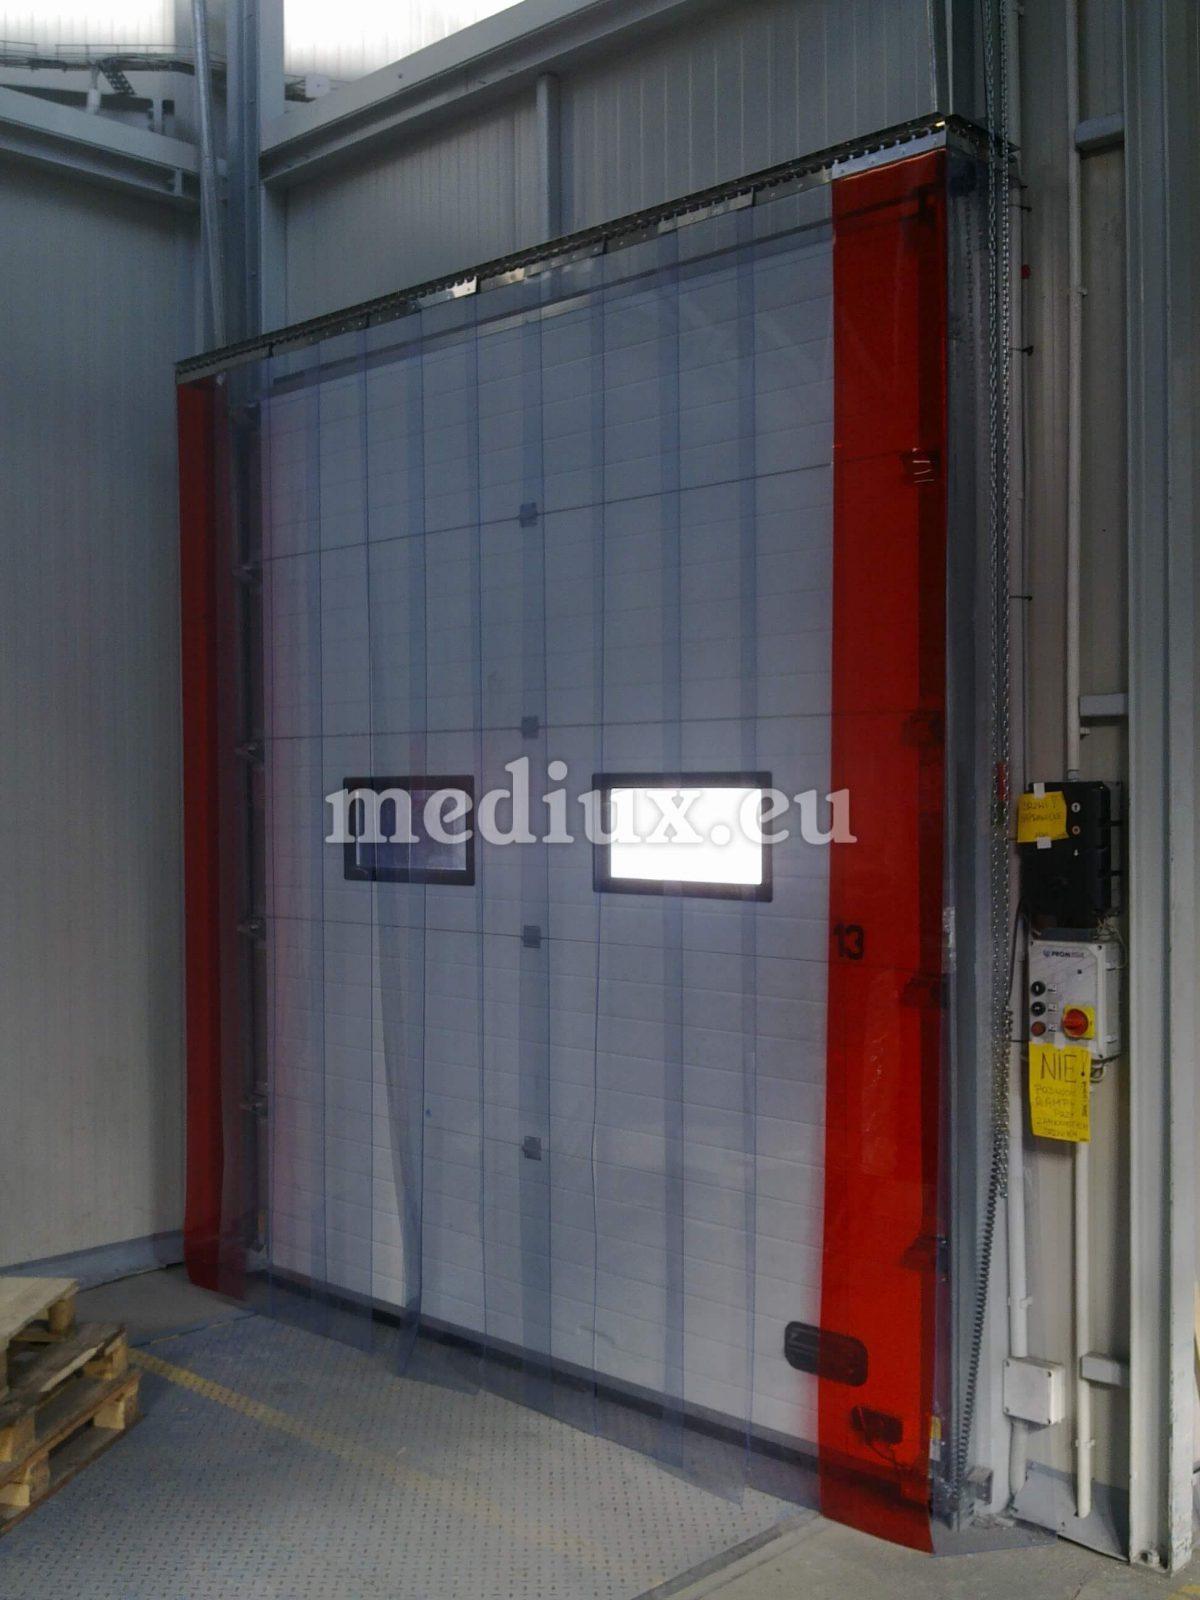 PVC-Streifenvorhang bestehend aus nicht transparenten weißen und stahl-silbernen PVC-Streifen mit den Maßen 200 x 2 mm